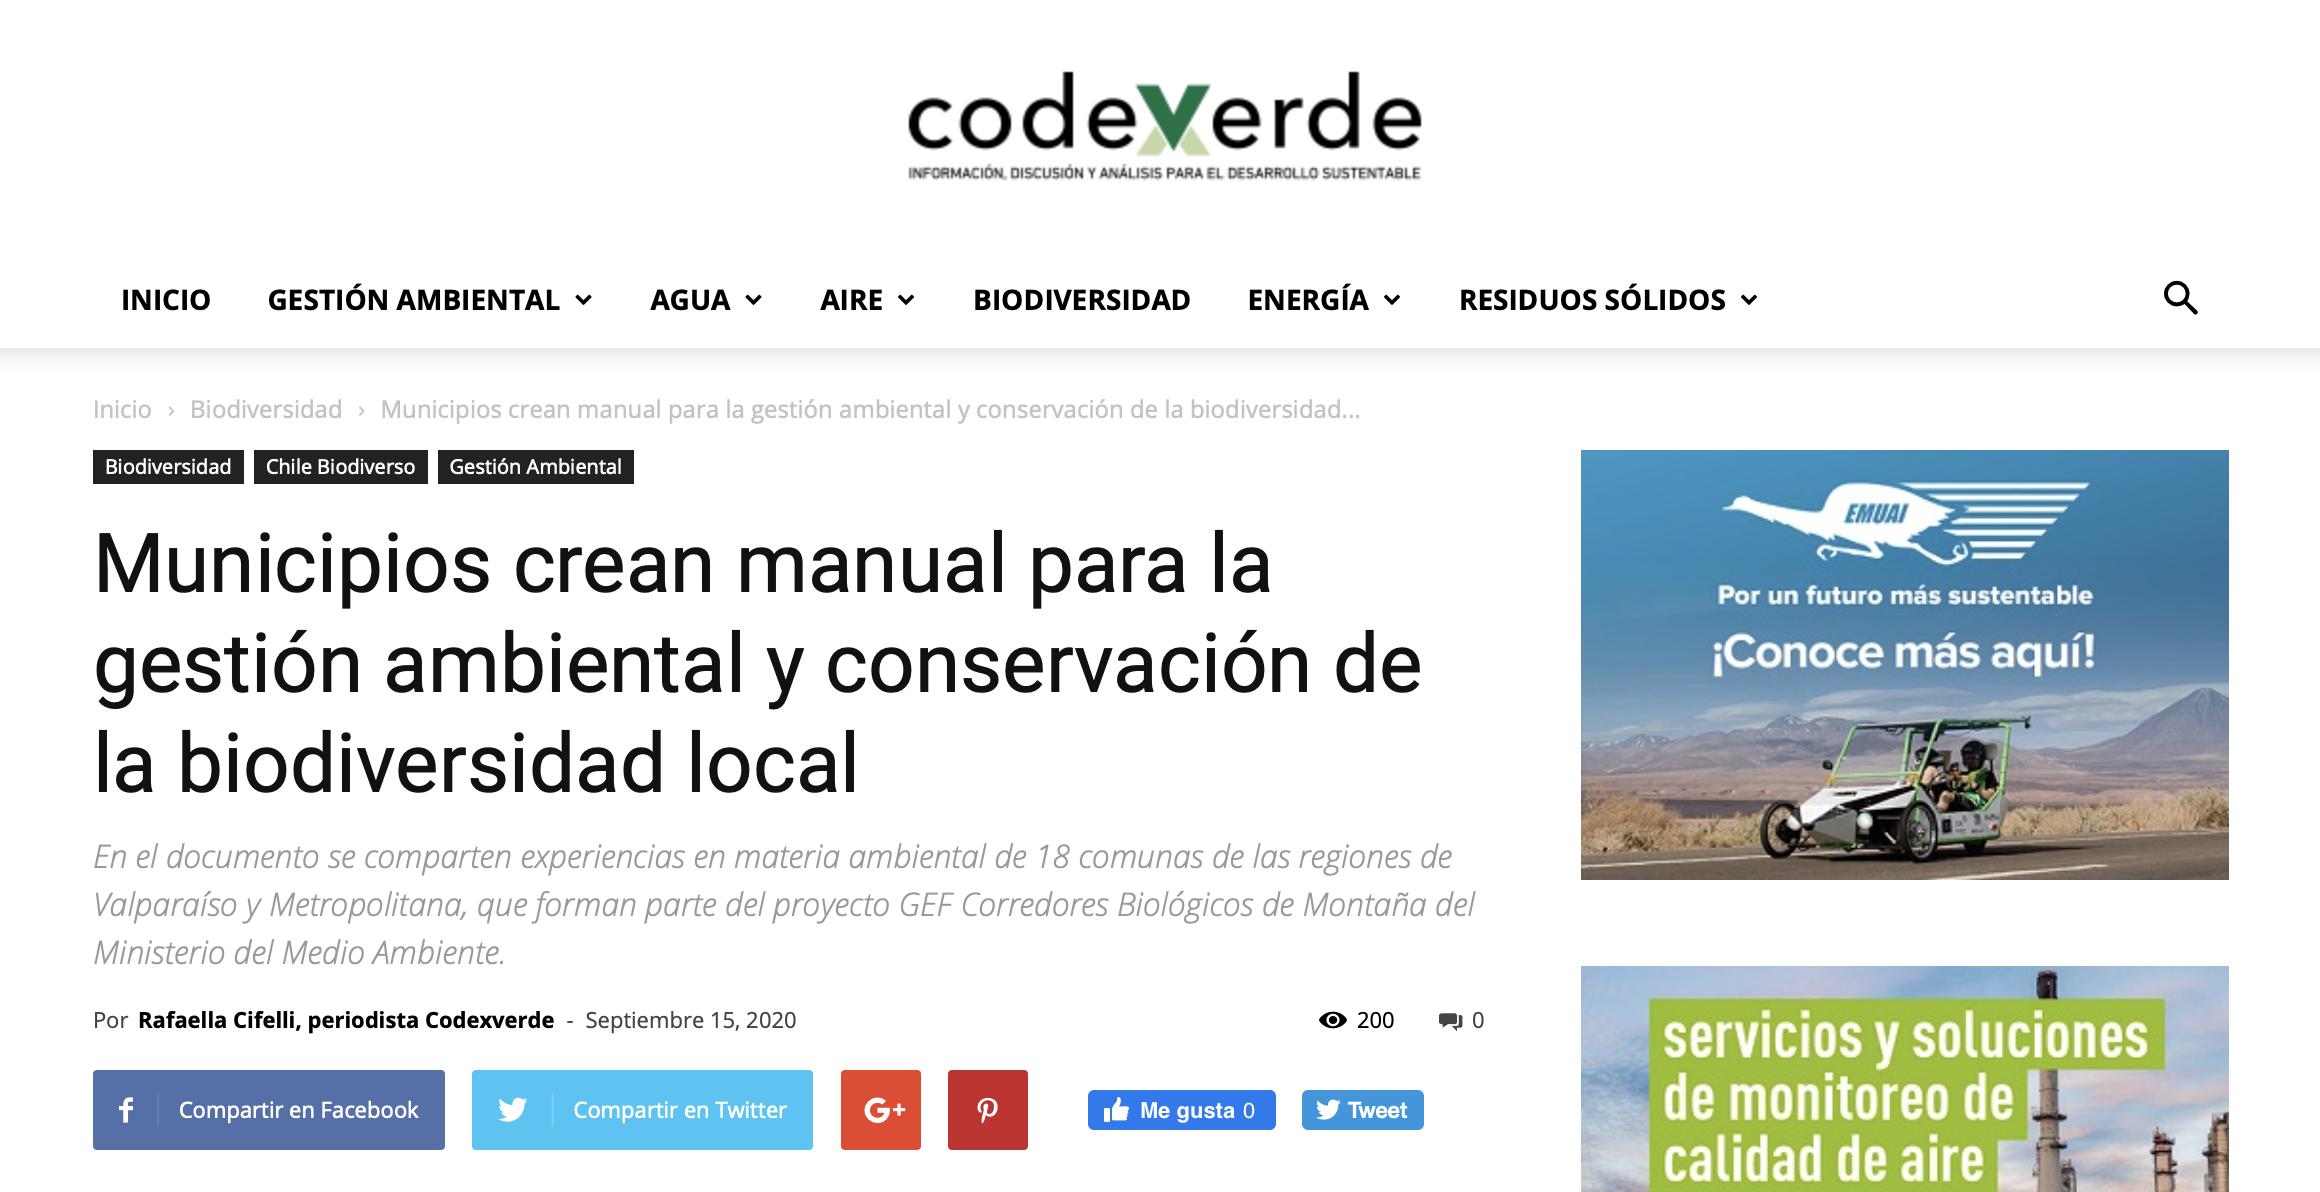 Municipios crean manual para la gestión ambiental y conservación de la biodiversidad local